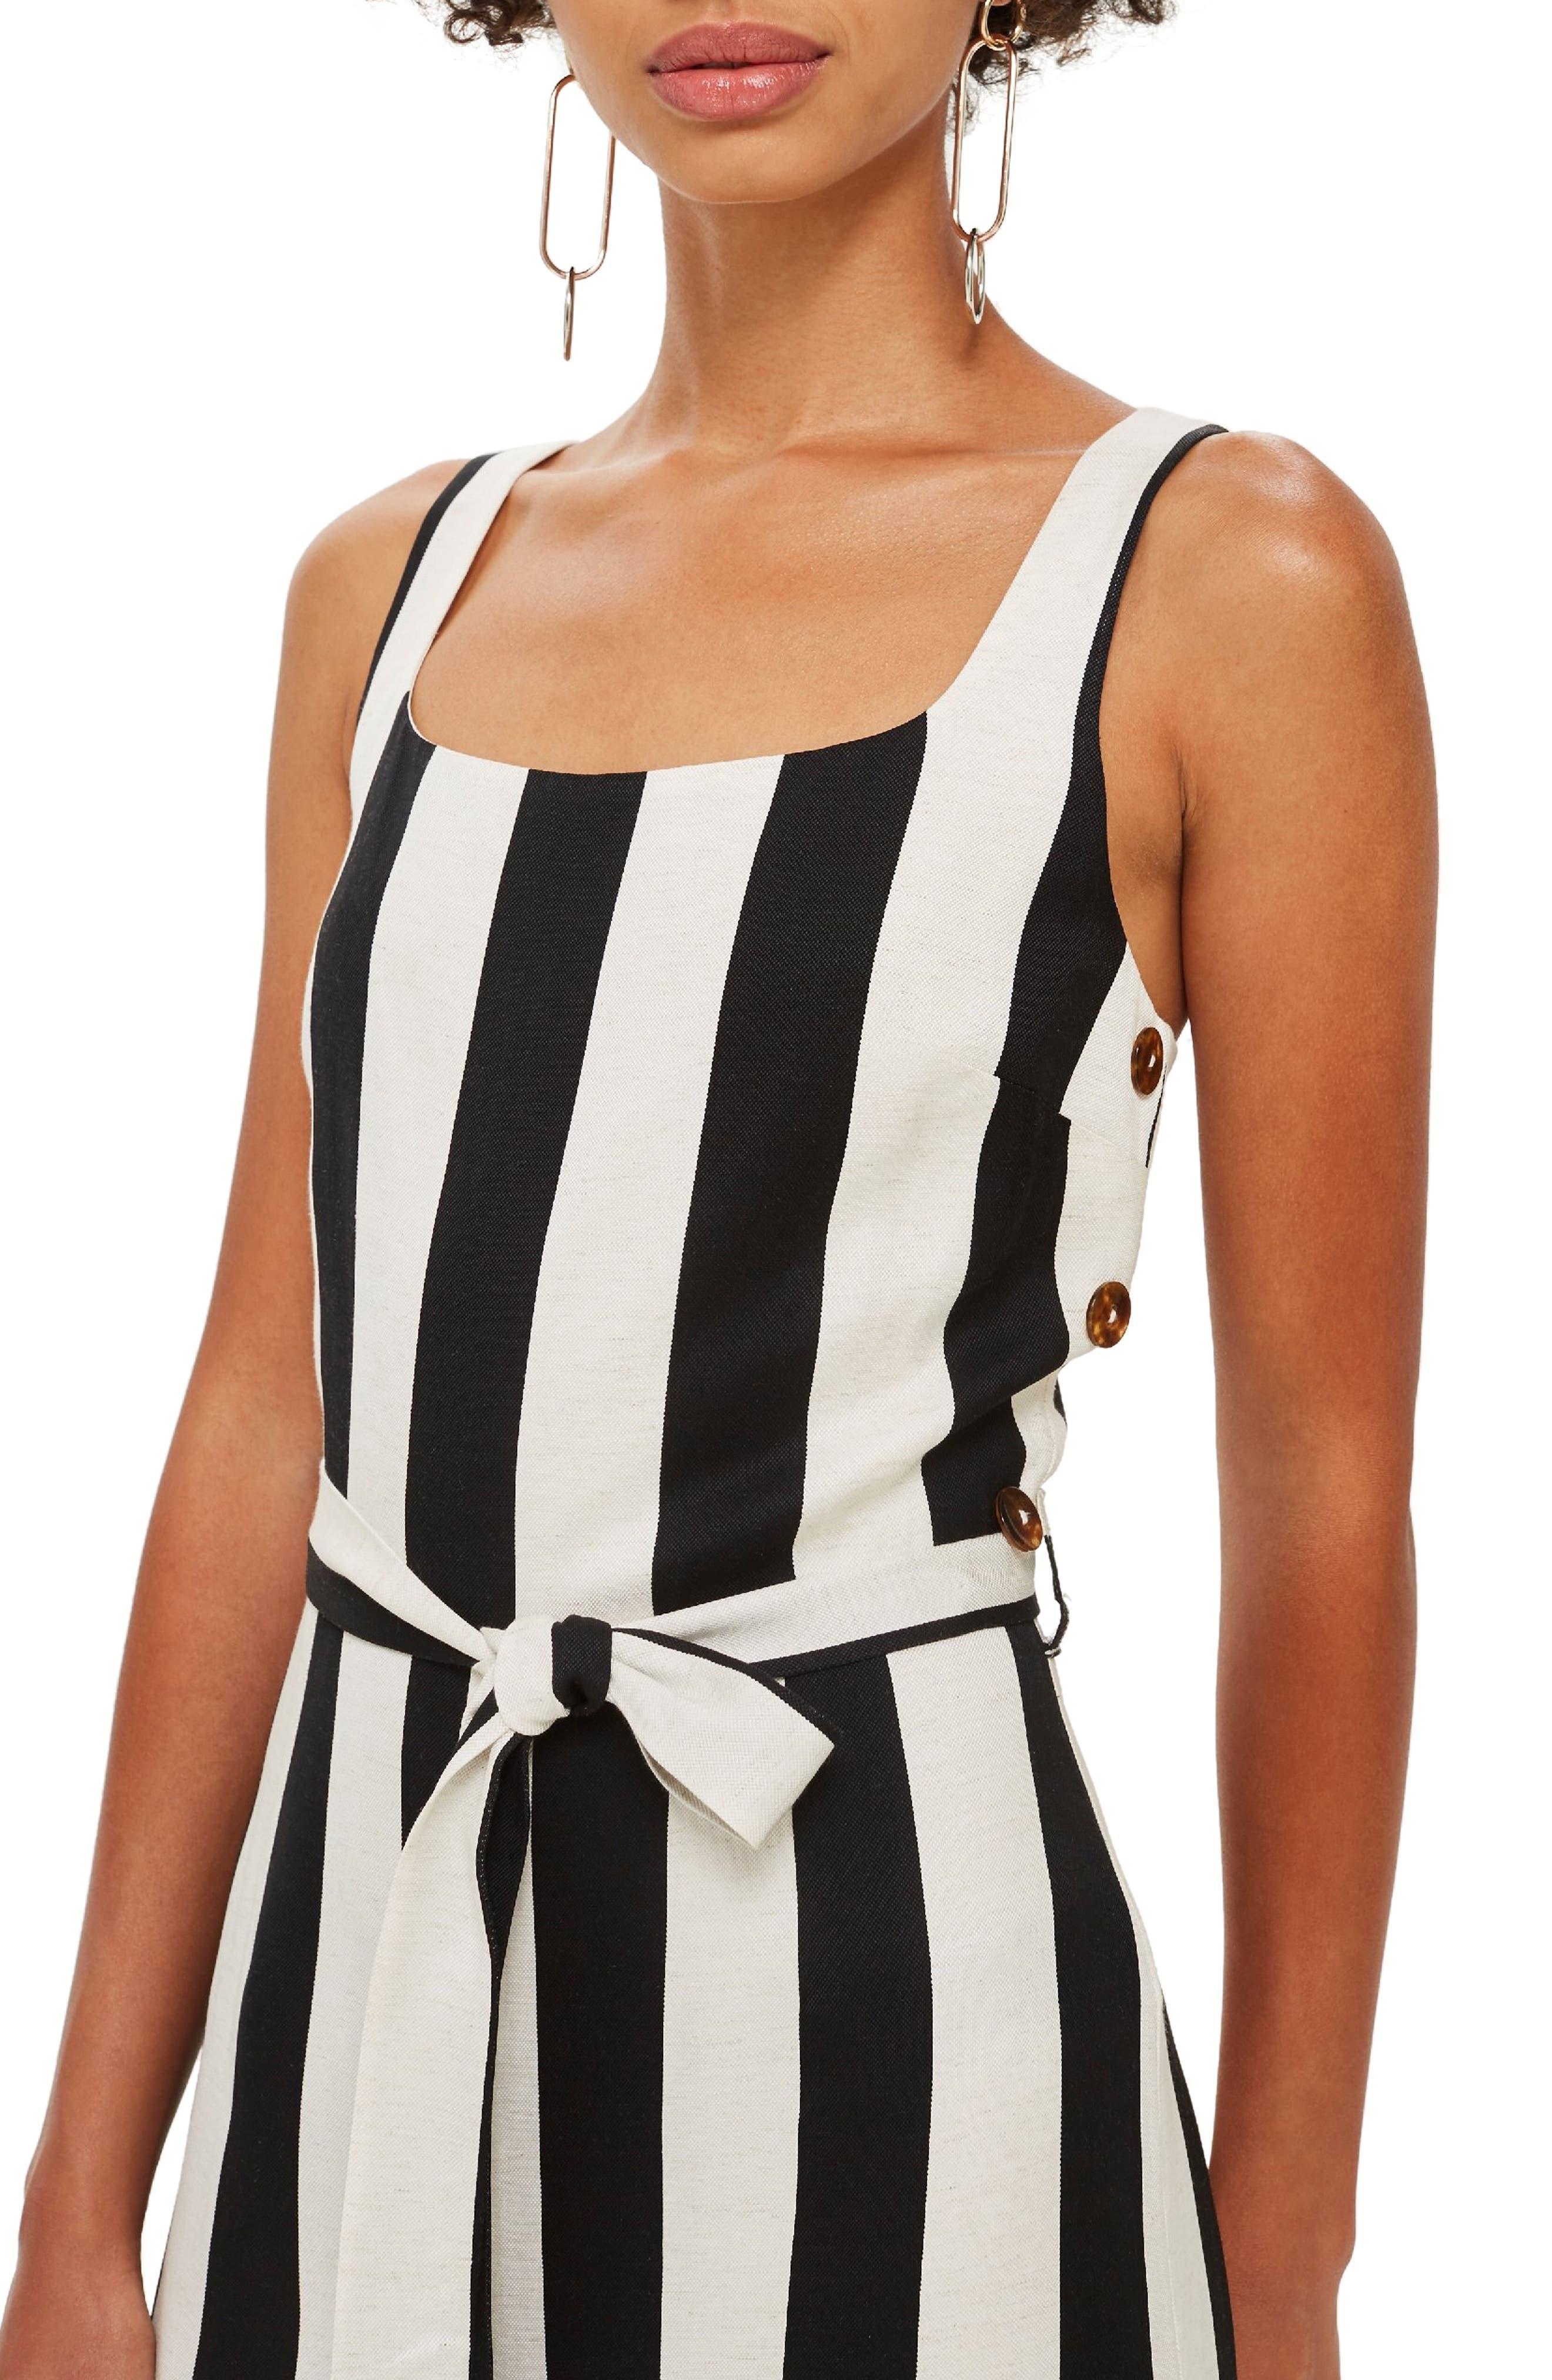 Humbug Striped Jumpsuit,                             Alternate thumbnail 4, color,                             BLACK MULTI